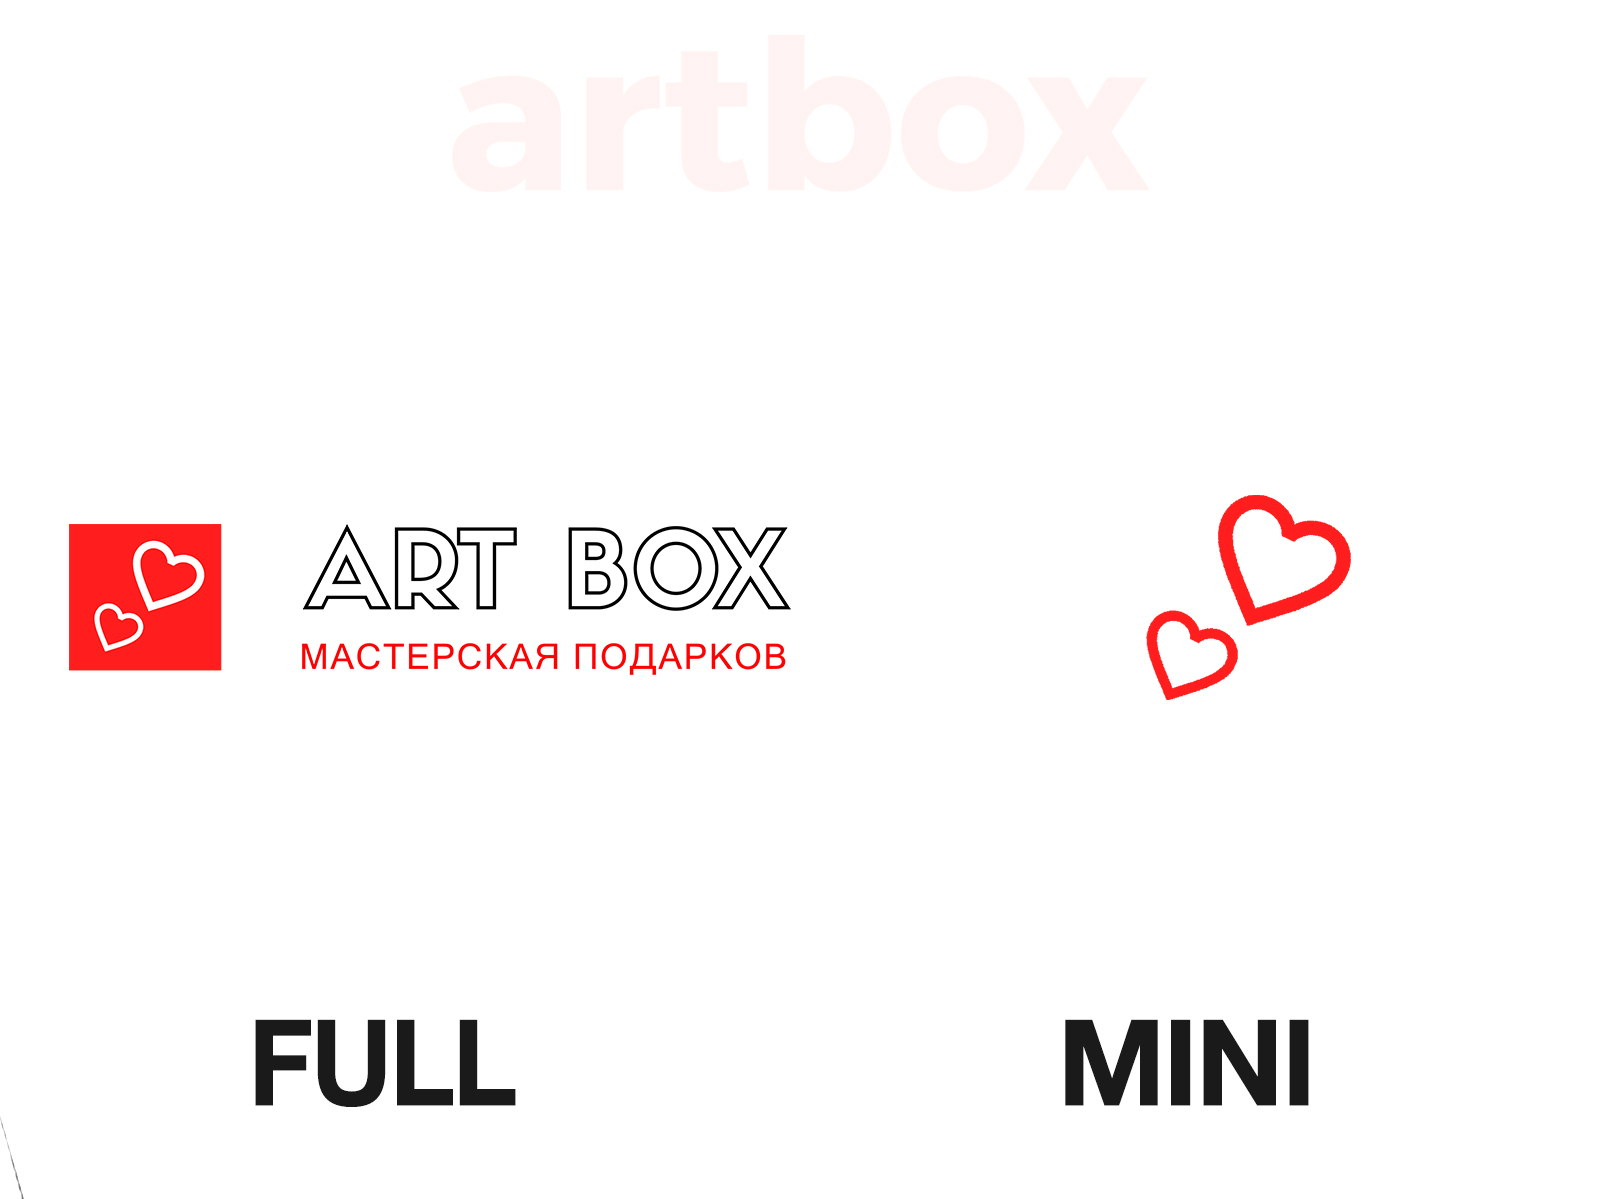 Мастерская готовых подарков Artbox